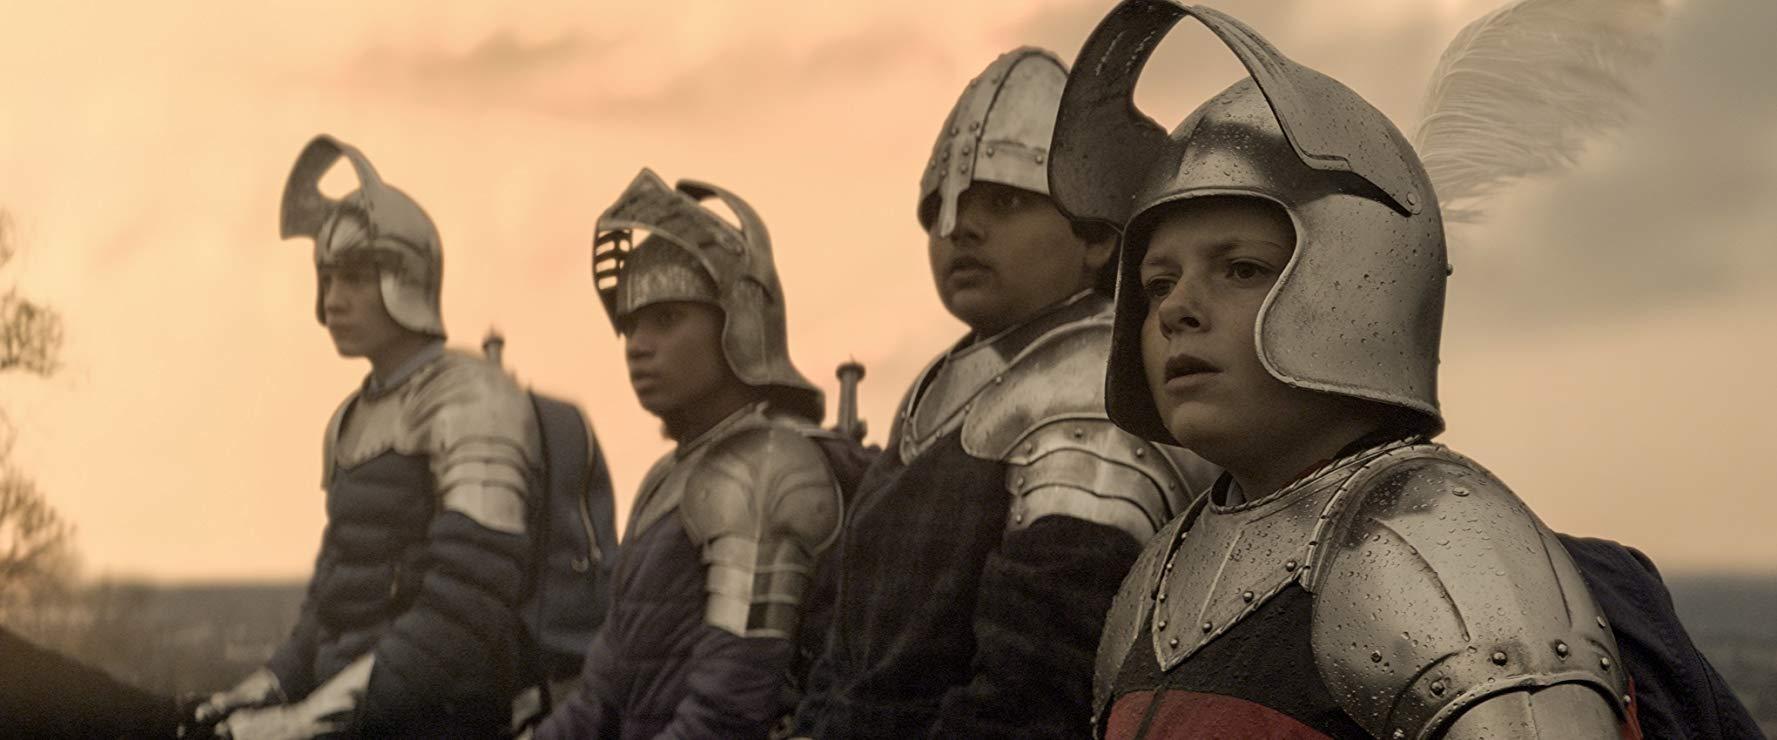 فیلم کودکی که پادشاه خواهد شد,اخبار فیلم و سینما,خبرهای فیلم و سینما,اخبار سینمای جهان